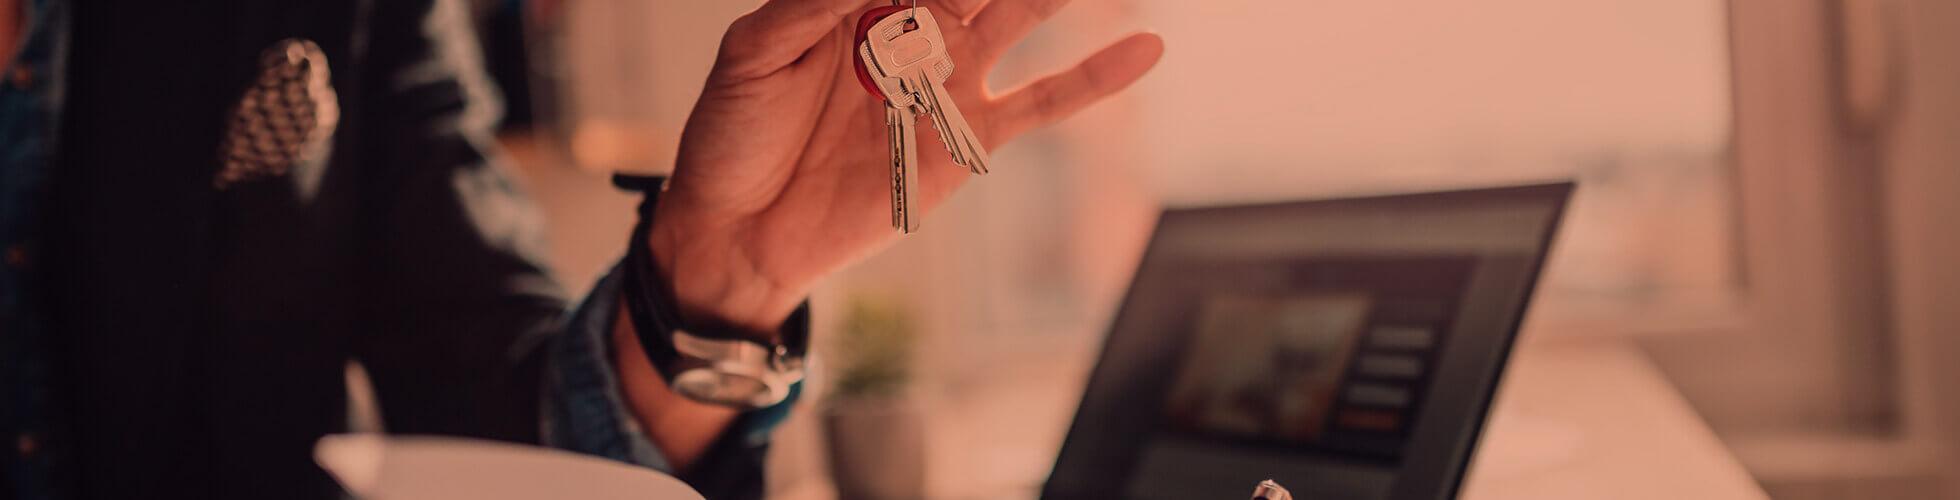 Sistema completo para administração de imobiliárias